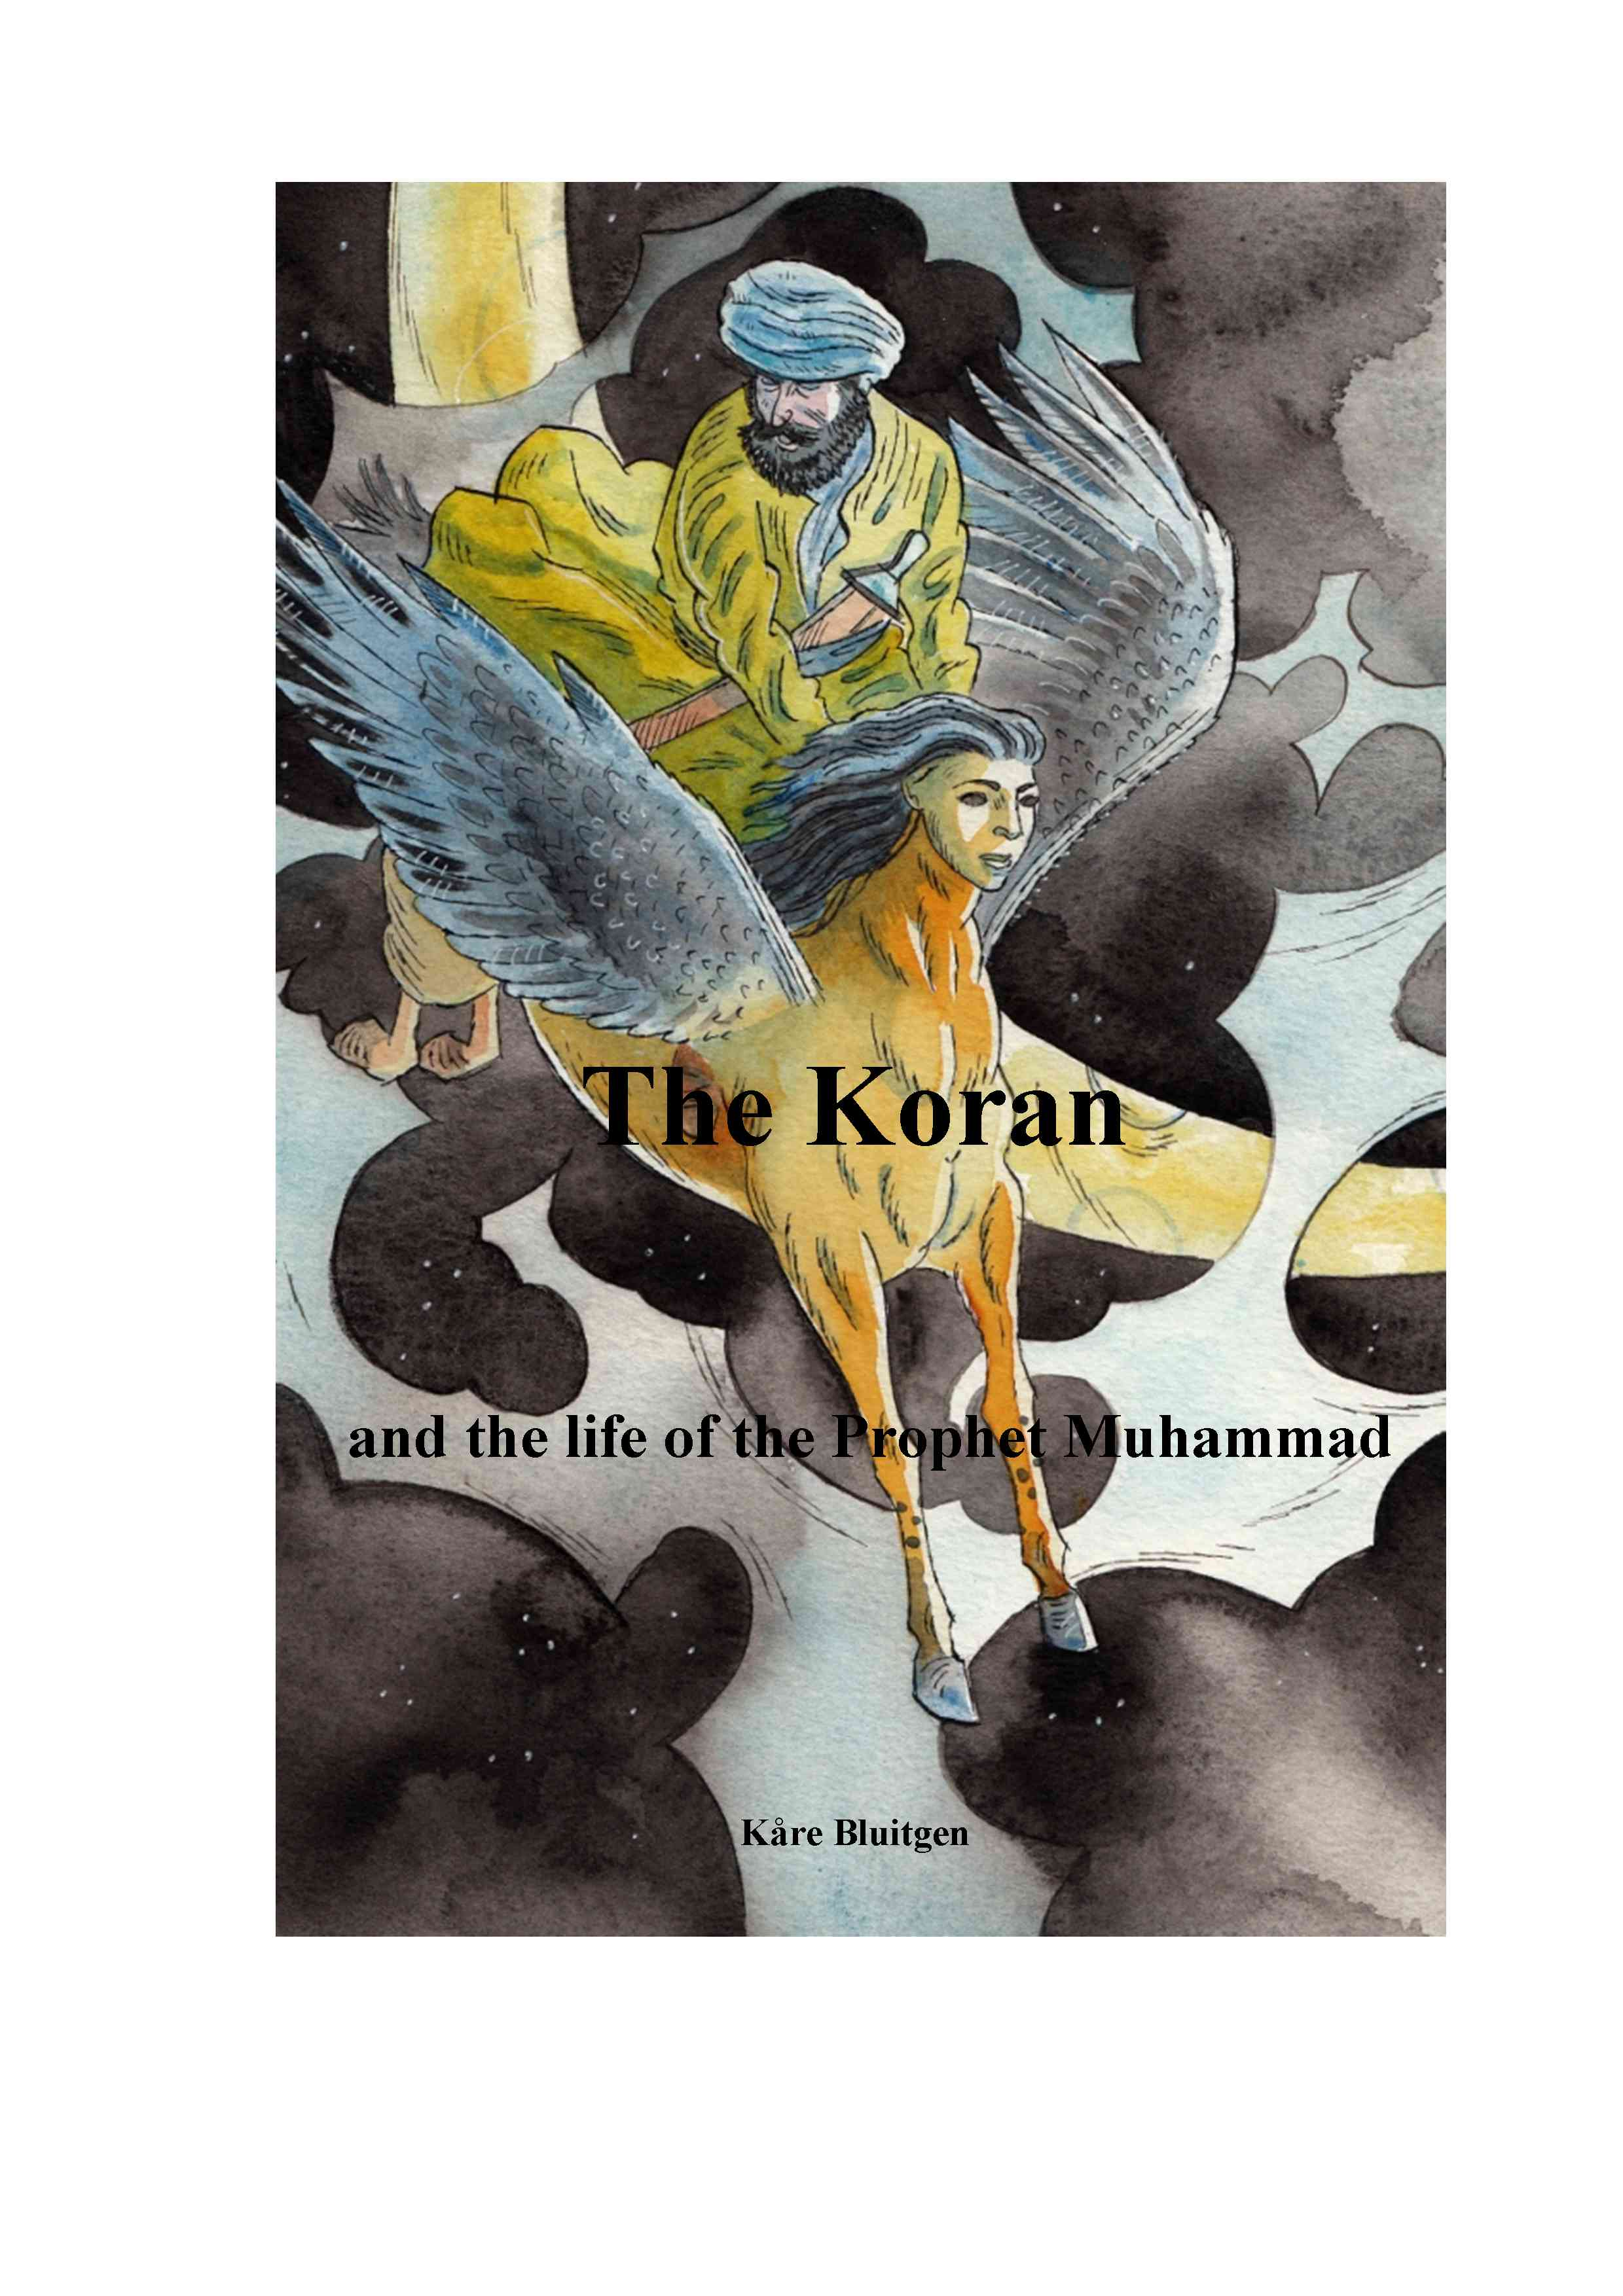 The koran and the life of the prophet muhammad - e-bog fra N/A på bog & mystik